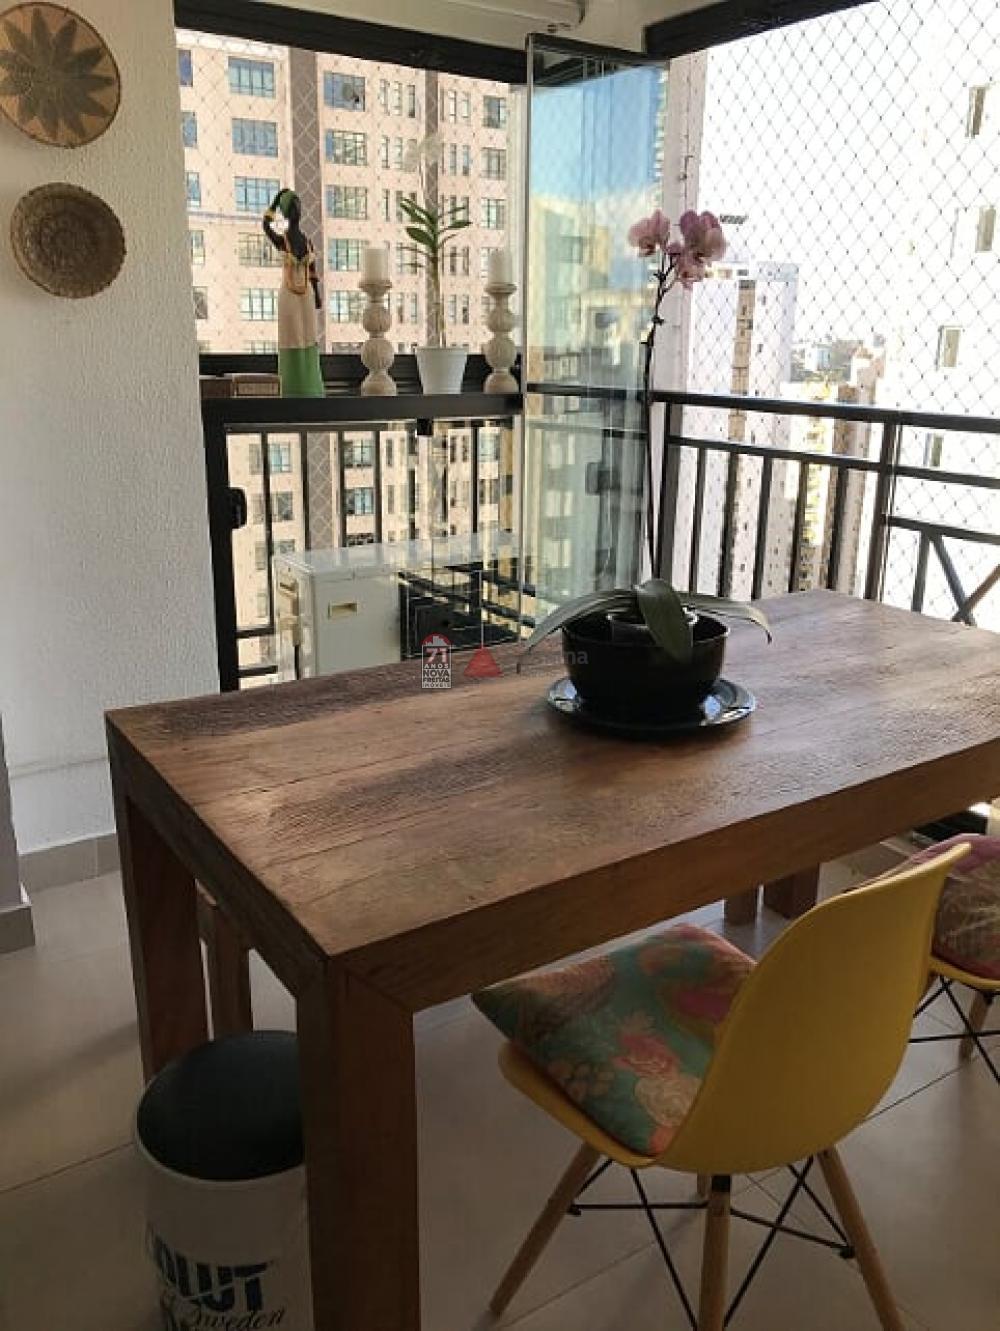 Comprar Apartamento / Padrão em São José dos Campos apenas R$ 850.000,00 - Foto 5